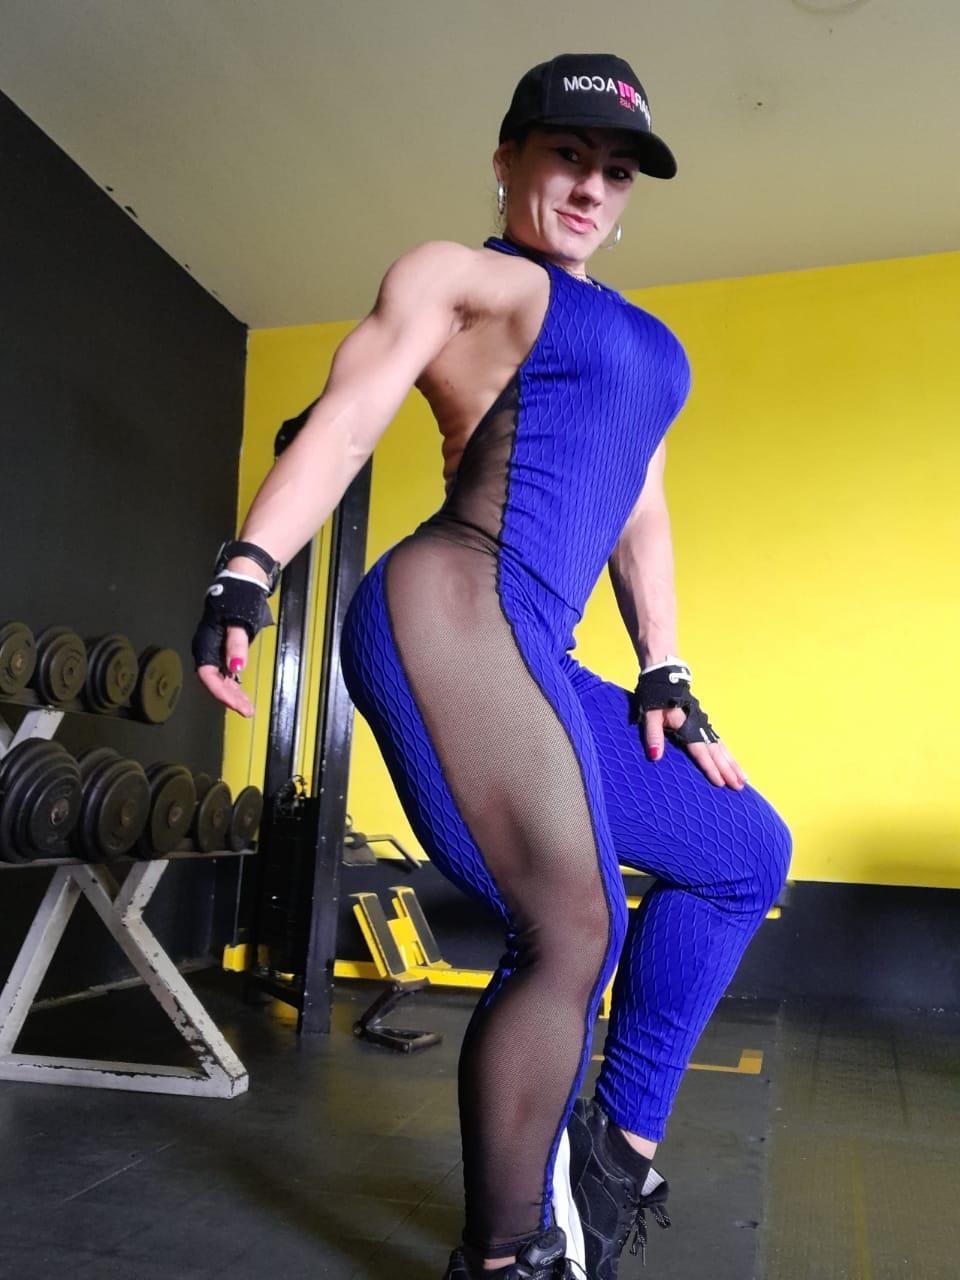 Sharon fitness?s=xmppbmo9oefmvmhqkg4kkg5x98pdwxgcceemokfcrga=